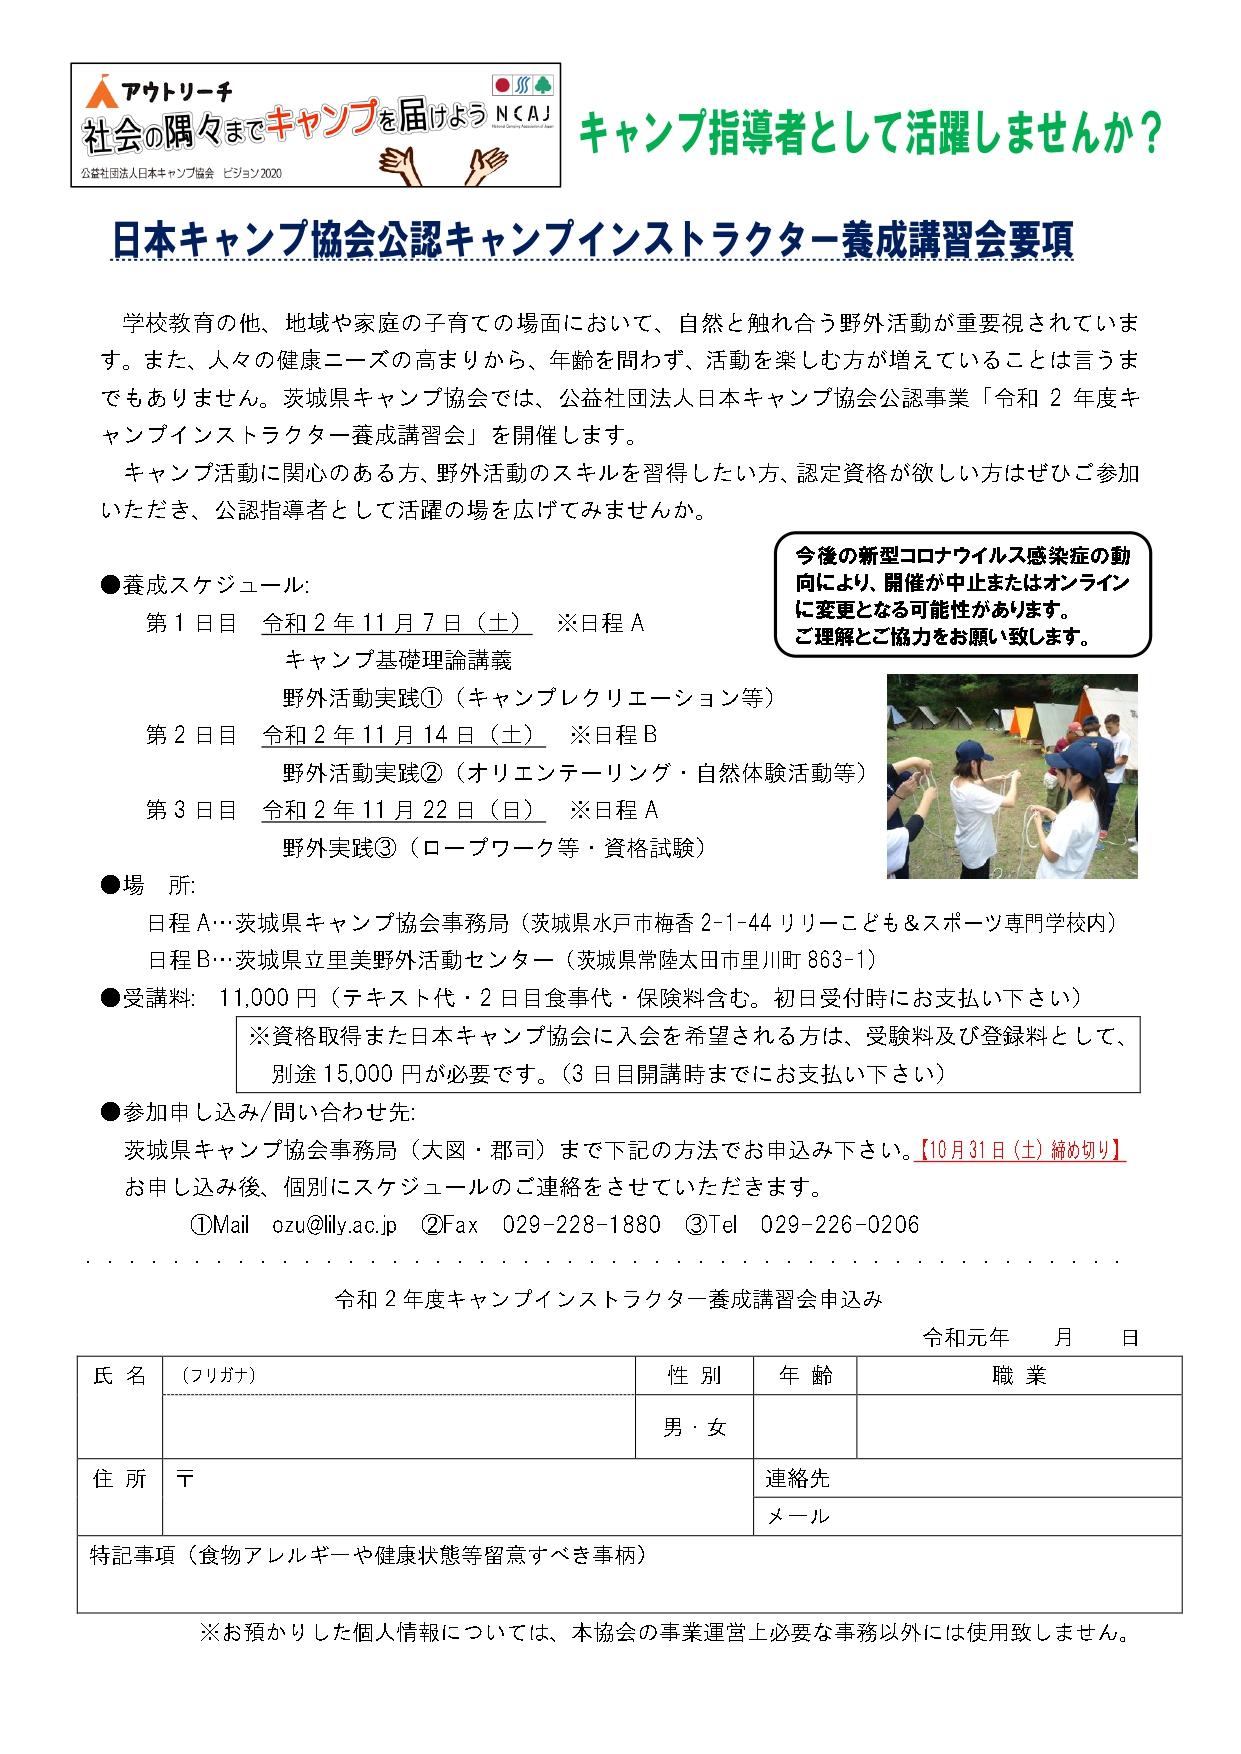 茨城:キャンプインストラクター養成講習会(11/7、14、22) @ 茨城県立里見野外活動センター 及び 茨城県キャンプ協会事務局 ※日程によって異なります